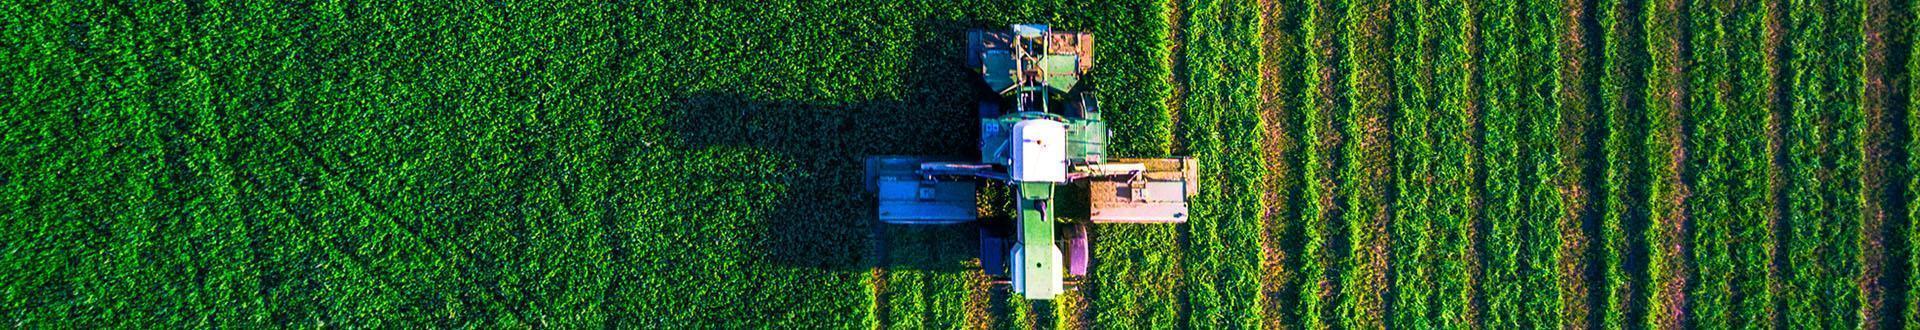 pracująca maszyna rolnicza